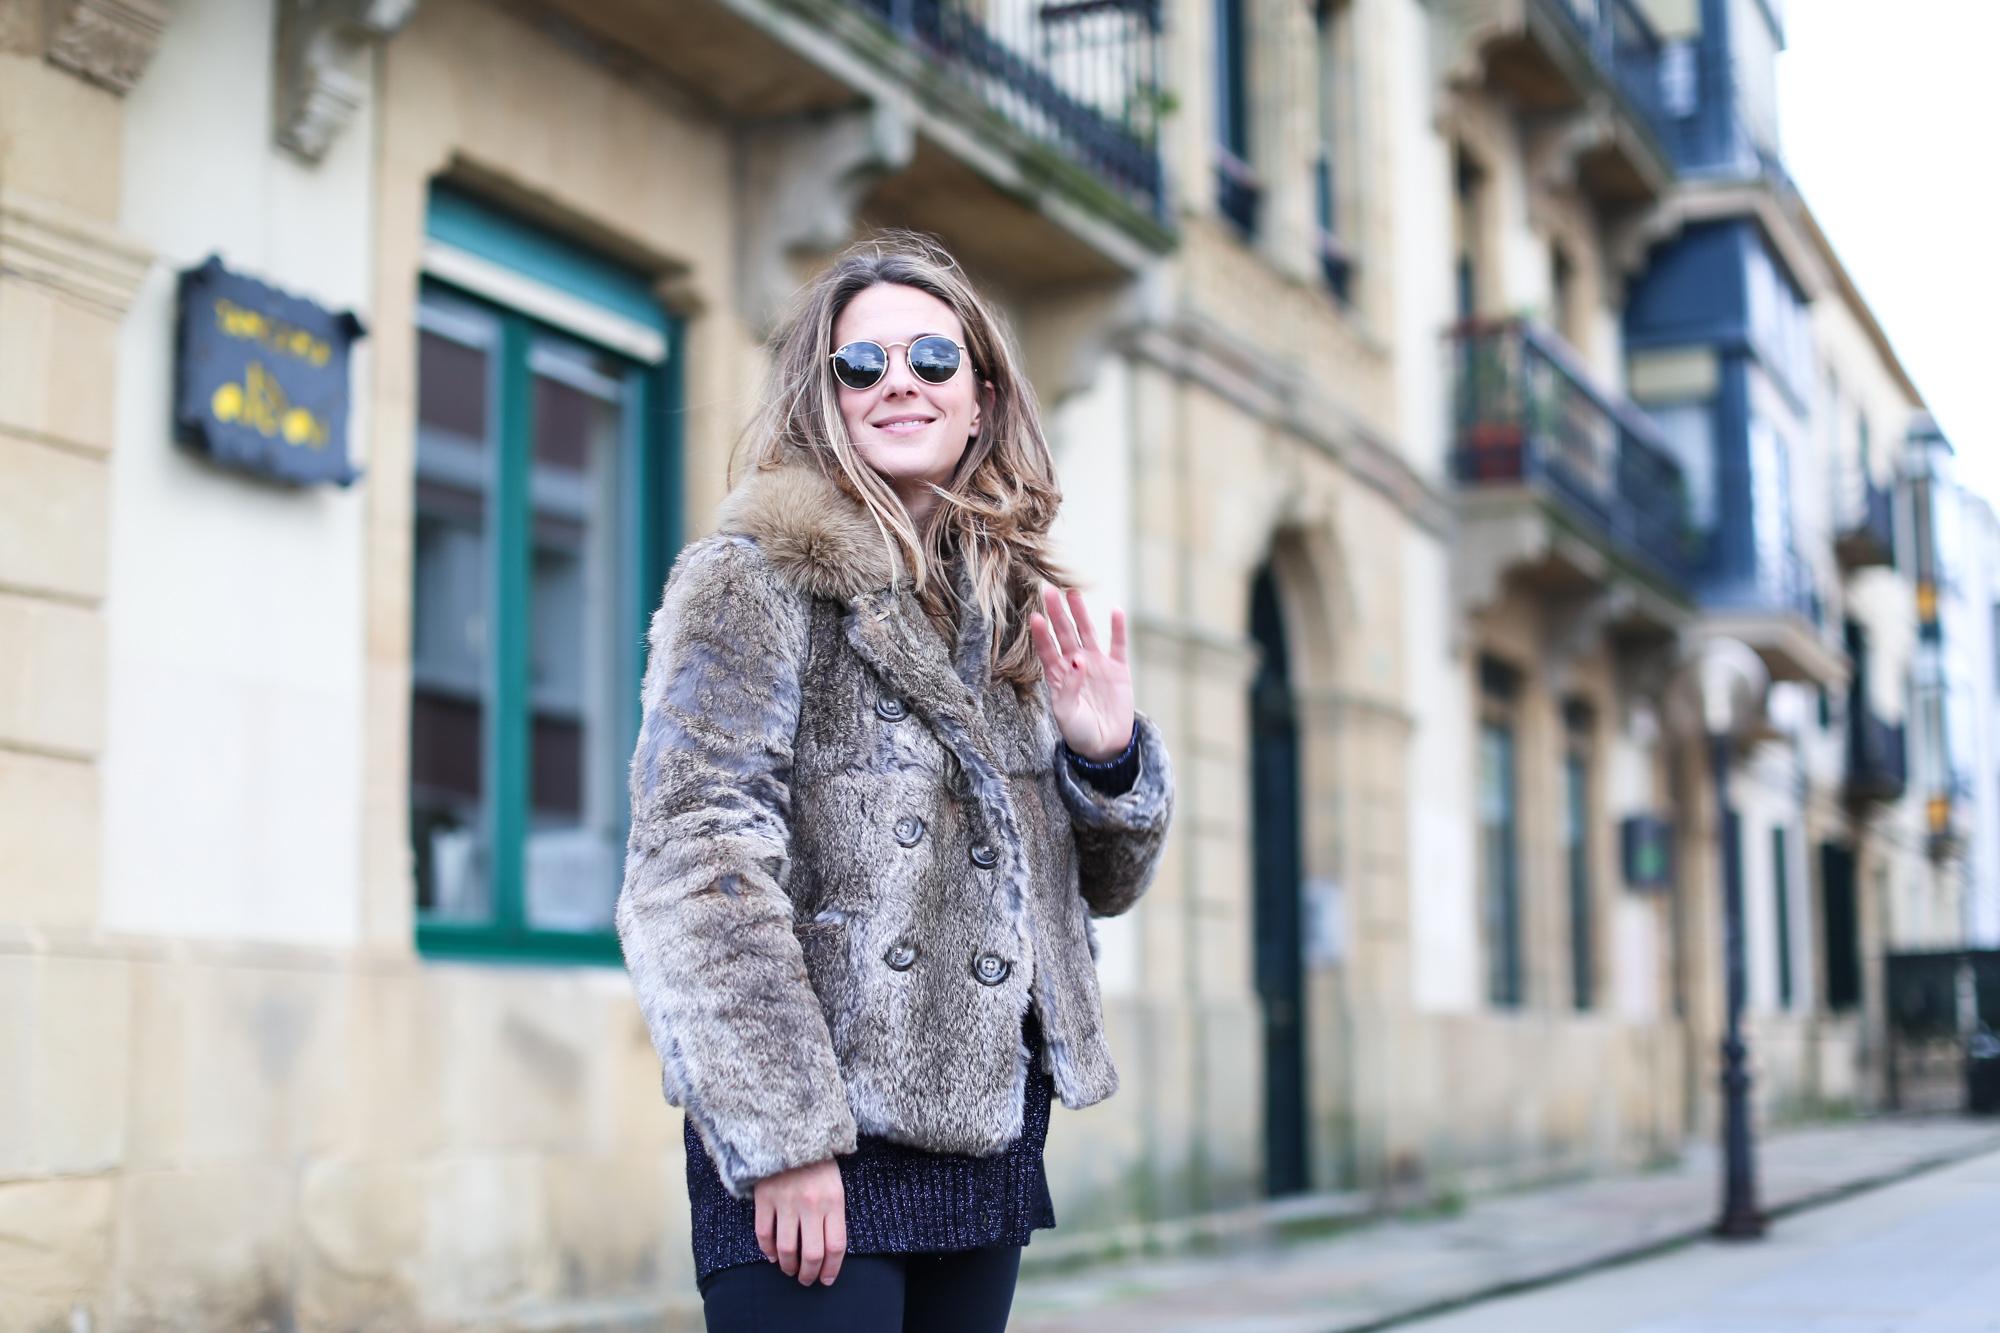 Clochet_streestyle_fashionblogger_topshopjamiejeans_zaranavyglitterknit_furcoat-3